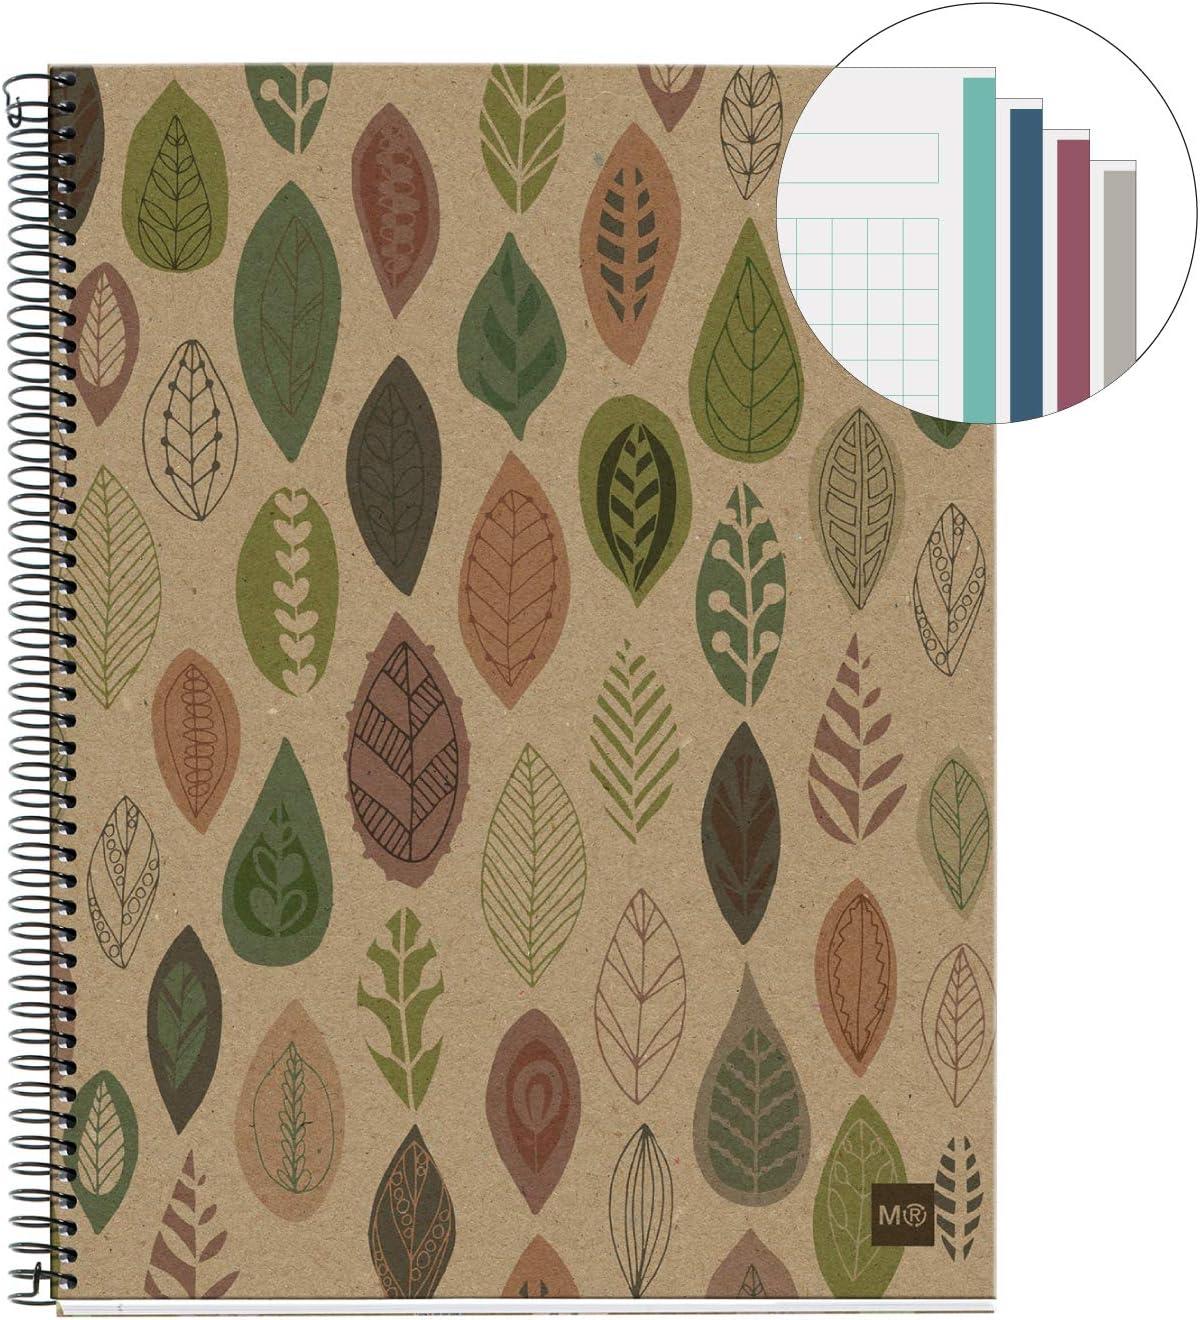 MIQUELRIUS - Cuaderno Notebook 100% Reciclado - 4 franjas de color, A5, 120 Hojas cuadriculadas 5mm, Papel 80 g, 2 Taladros, Cubierta de Cartón Reciclado, Diseño Ecohojas: Amazon.es: Oficina y papelería